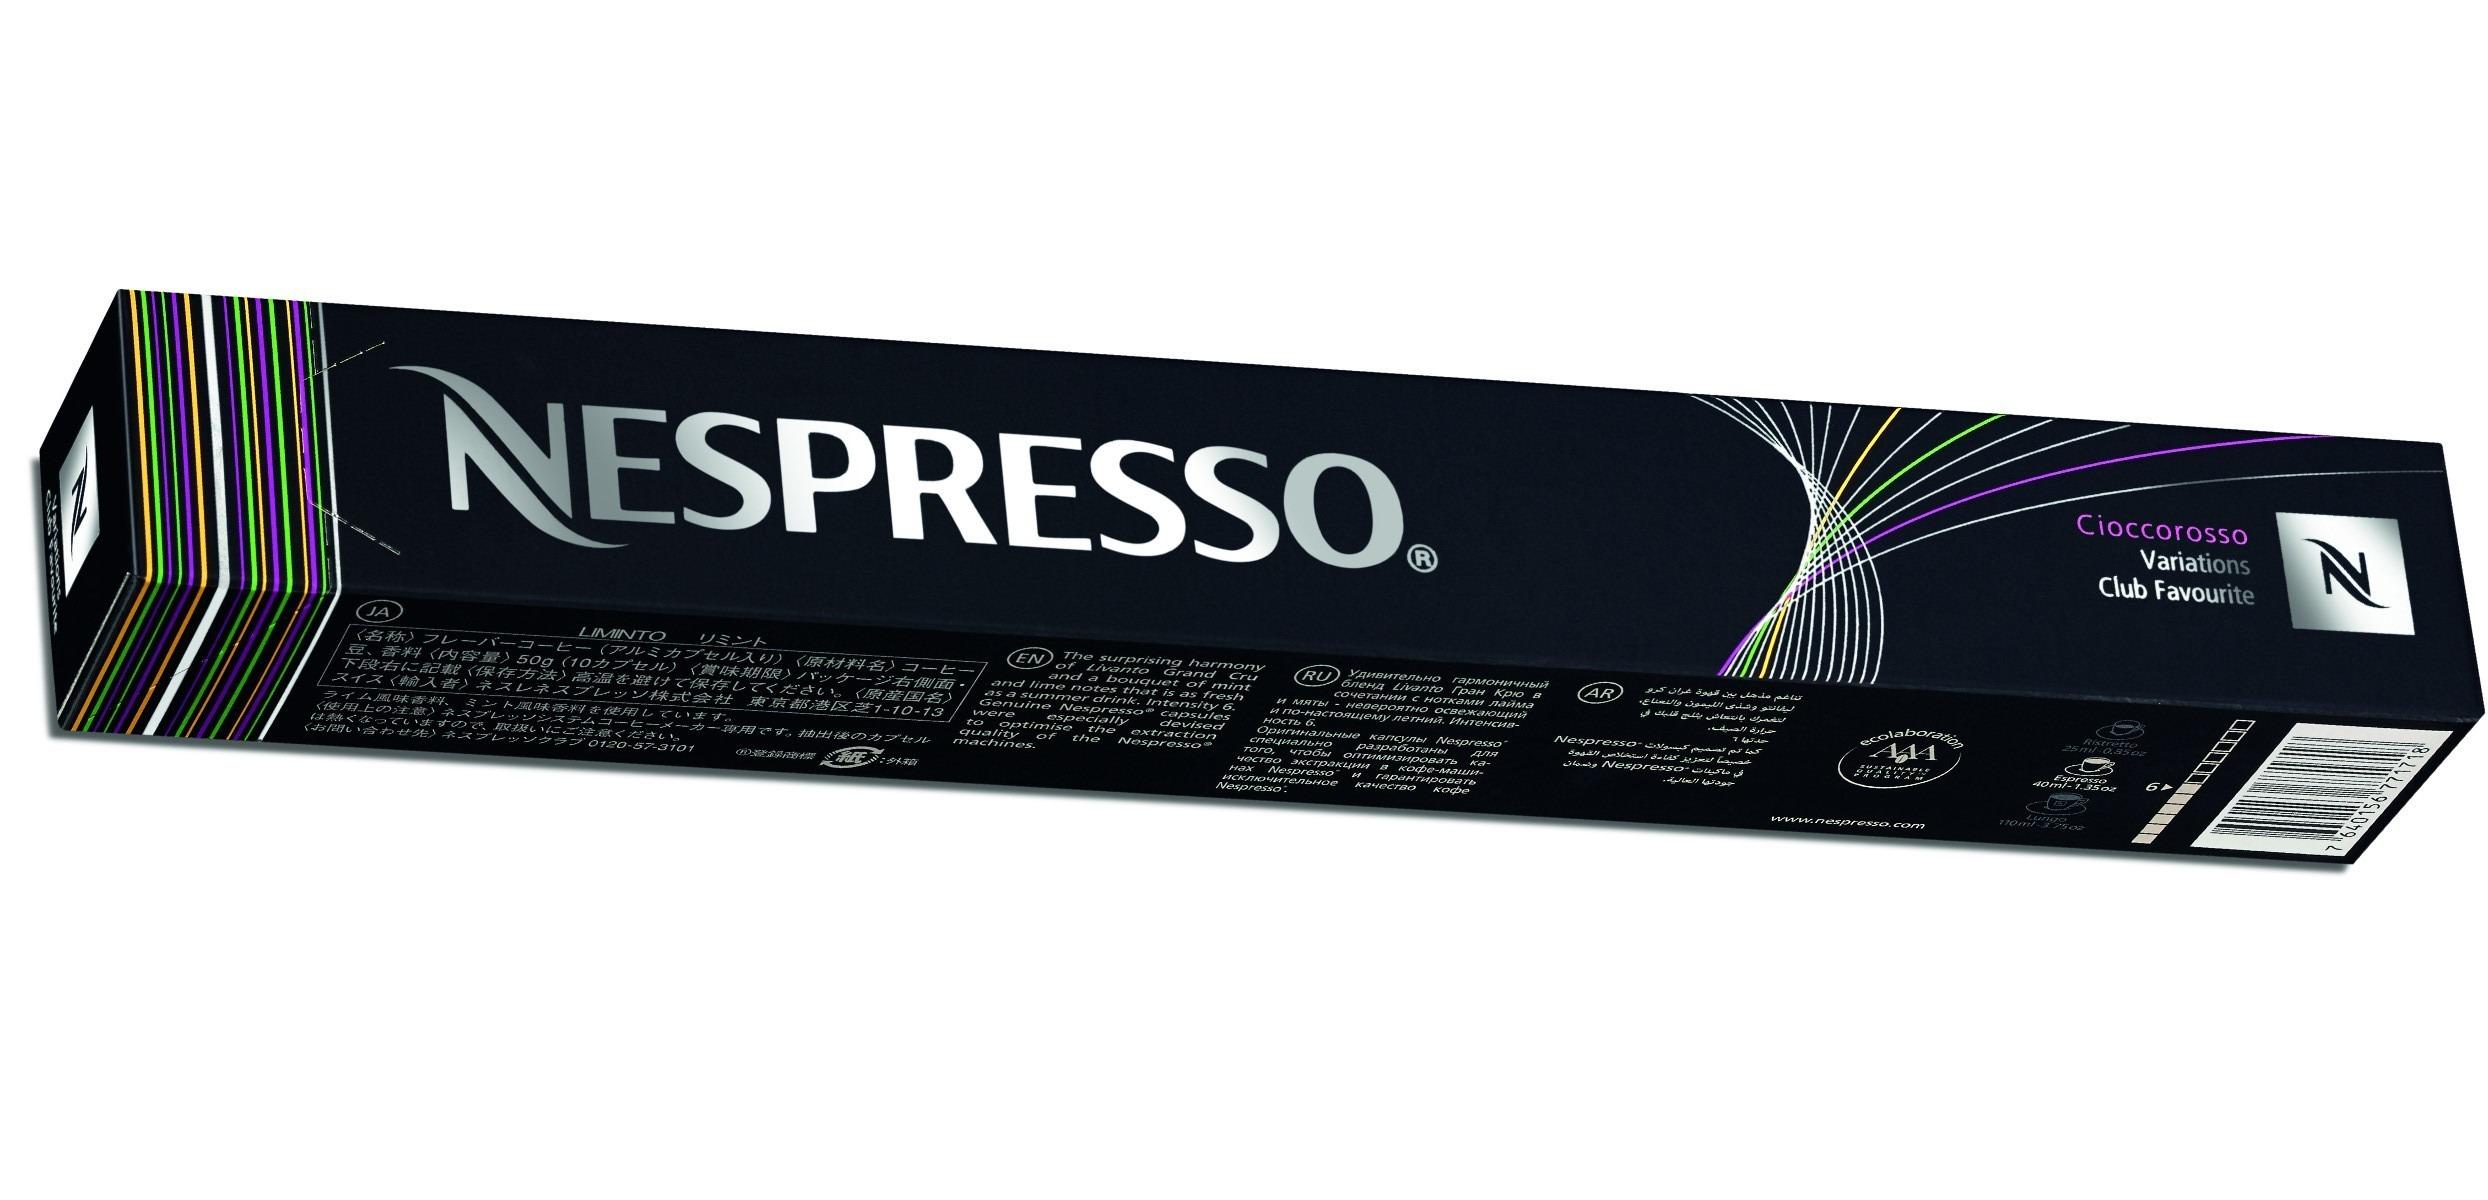 Limitowana kawa w kapsu kach nespresso cioccorosso for Nespresso firma